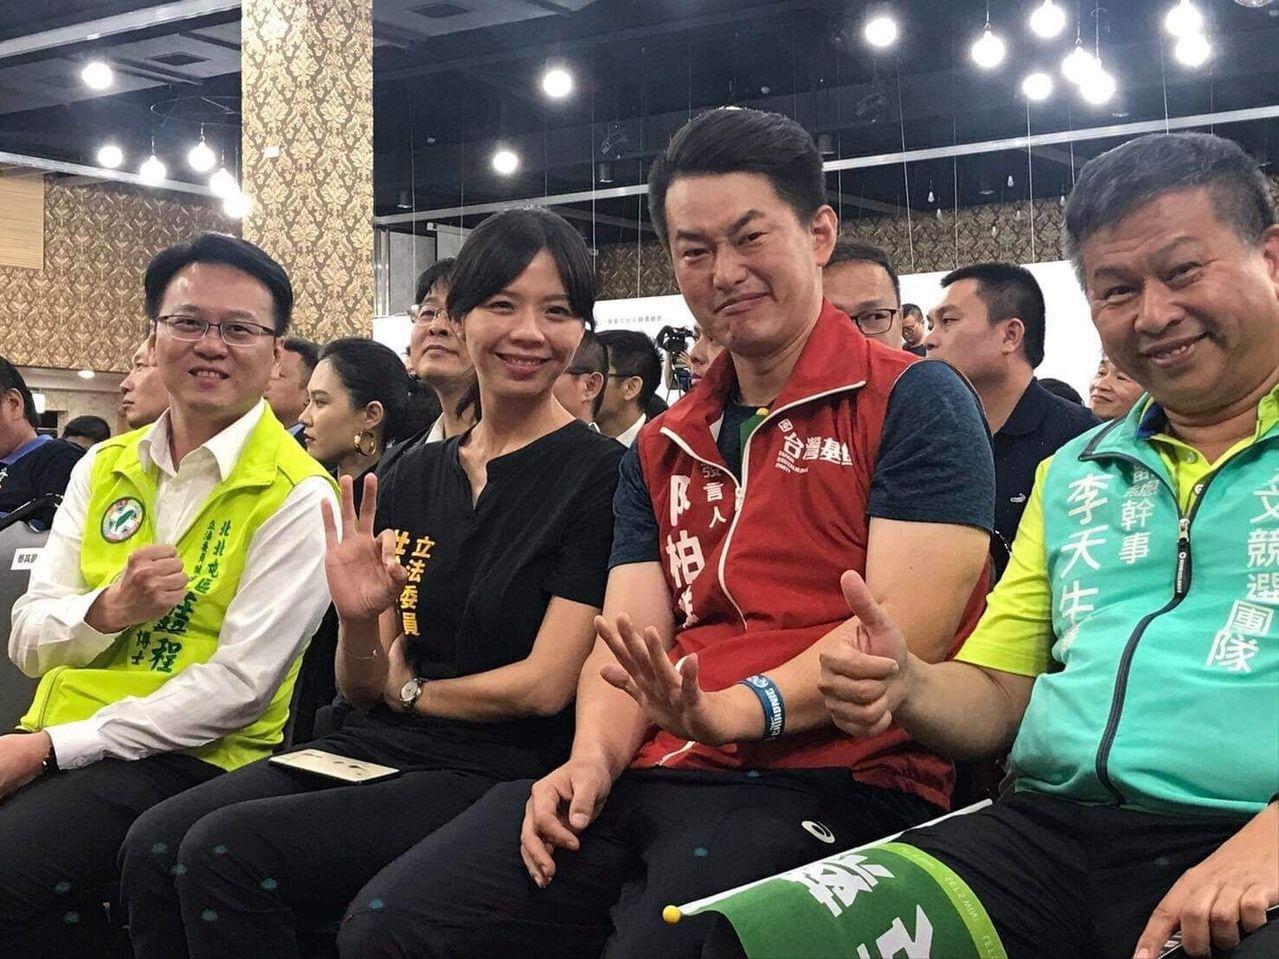 洪慈庸(前排左)、陳柏惟(前排右二)及林昶佐等人,正在規劃集結「抗中保台」台派年...